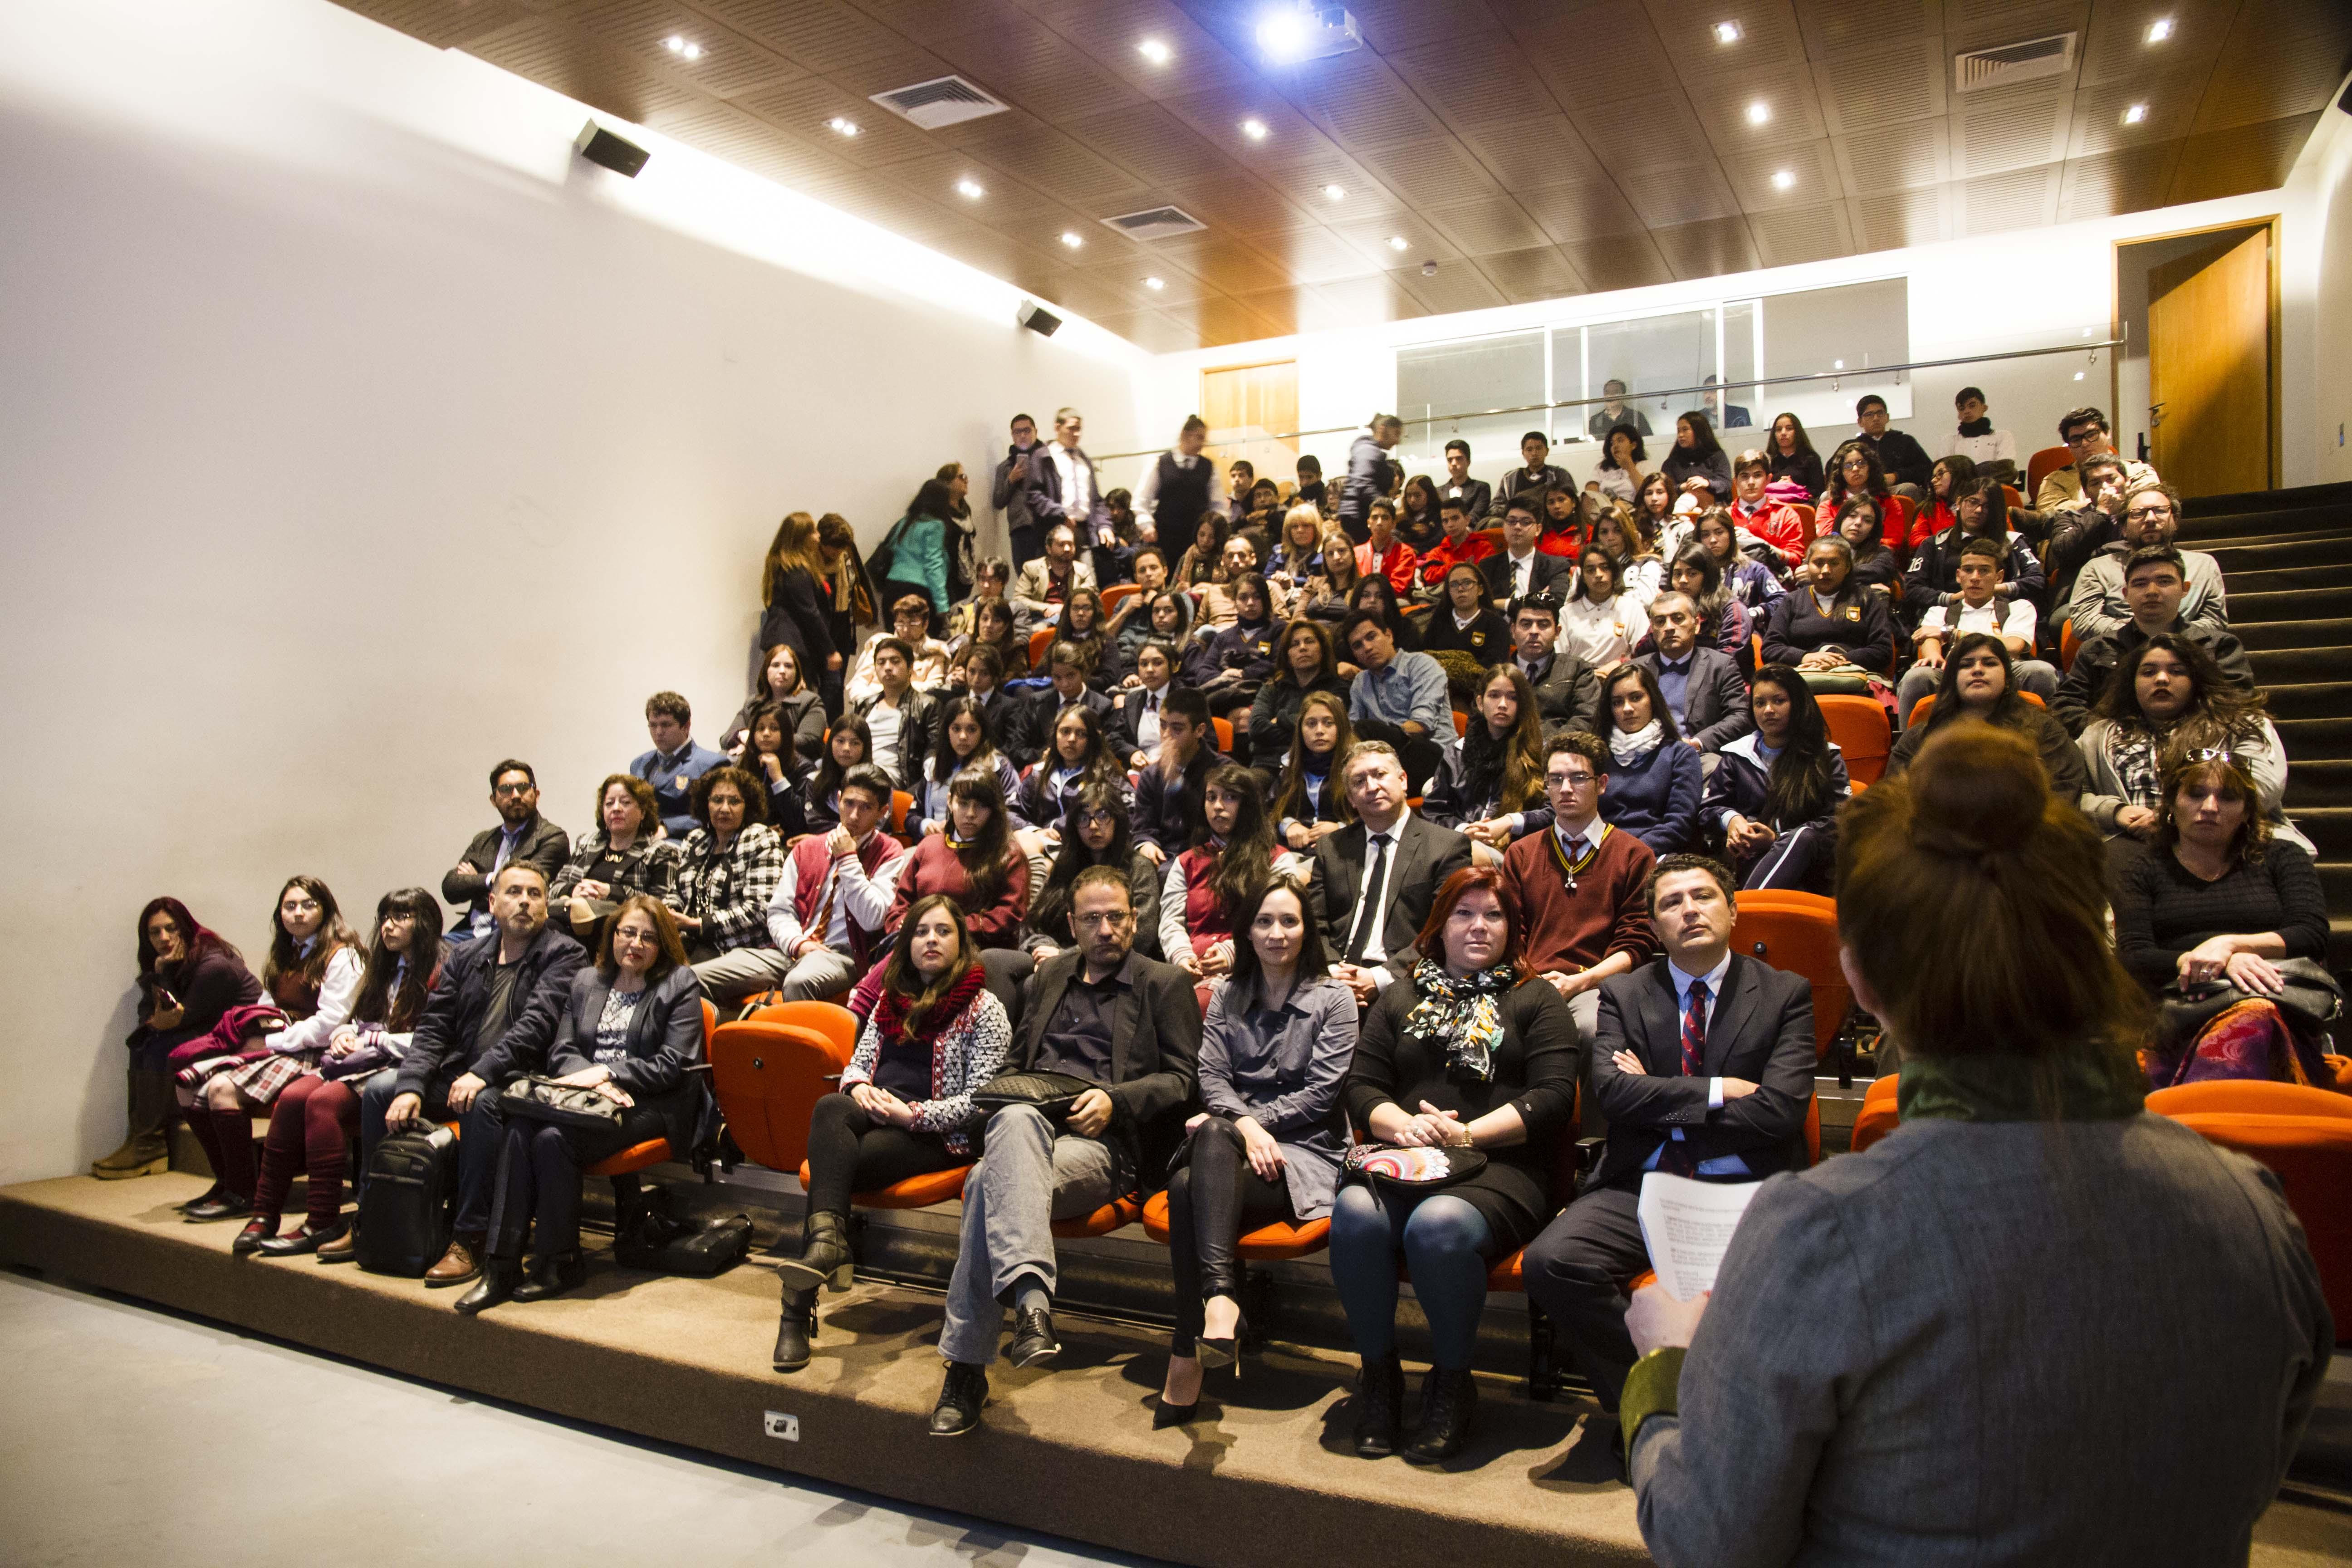 SACO ANUNCIA 6 EXPOSICIONES Y REAFIRMA SU ENFOQUE ESPECIAL EN LA MEDIACIÓN EDUCATIVA